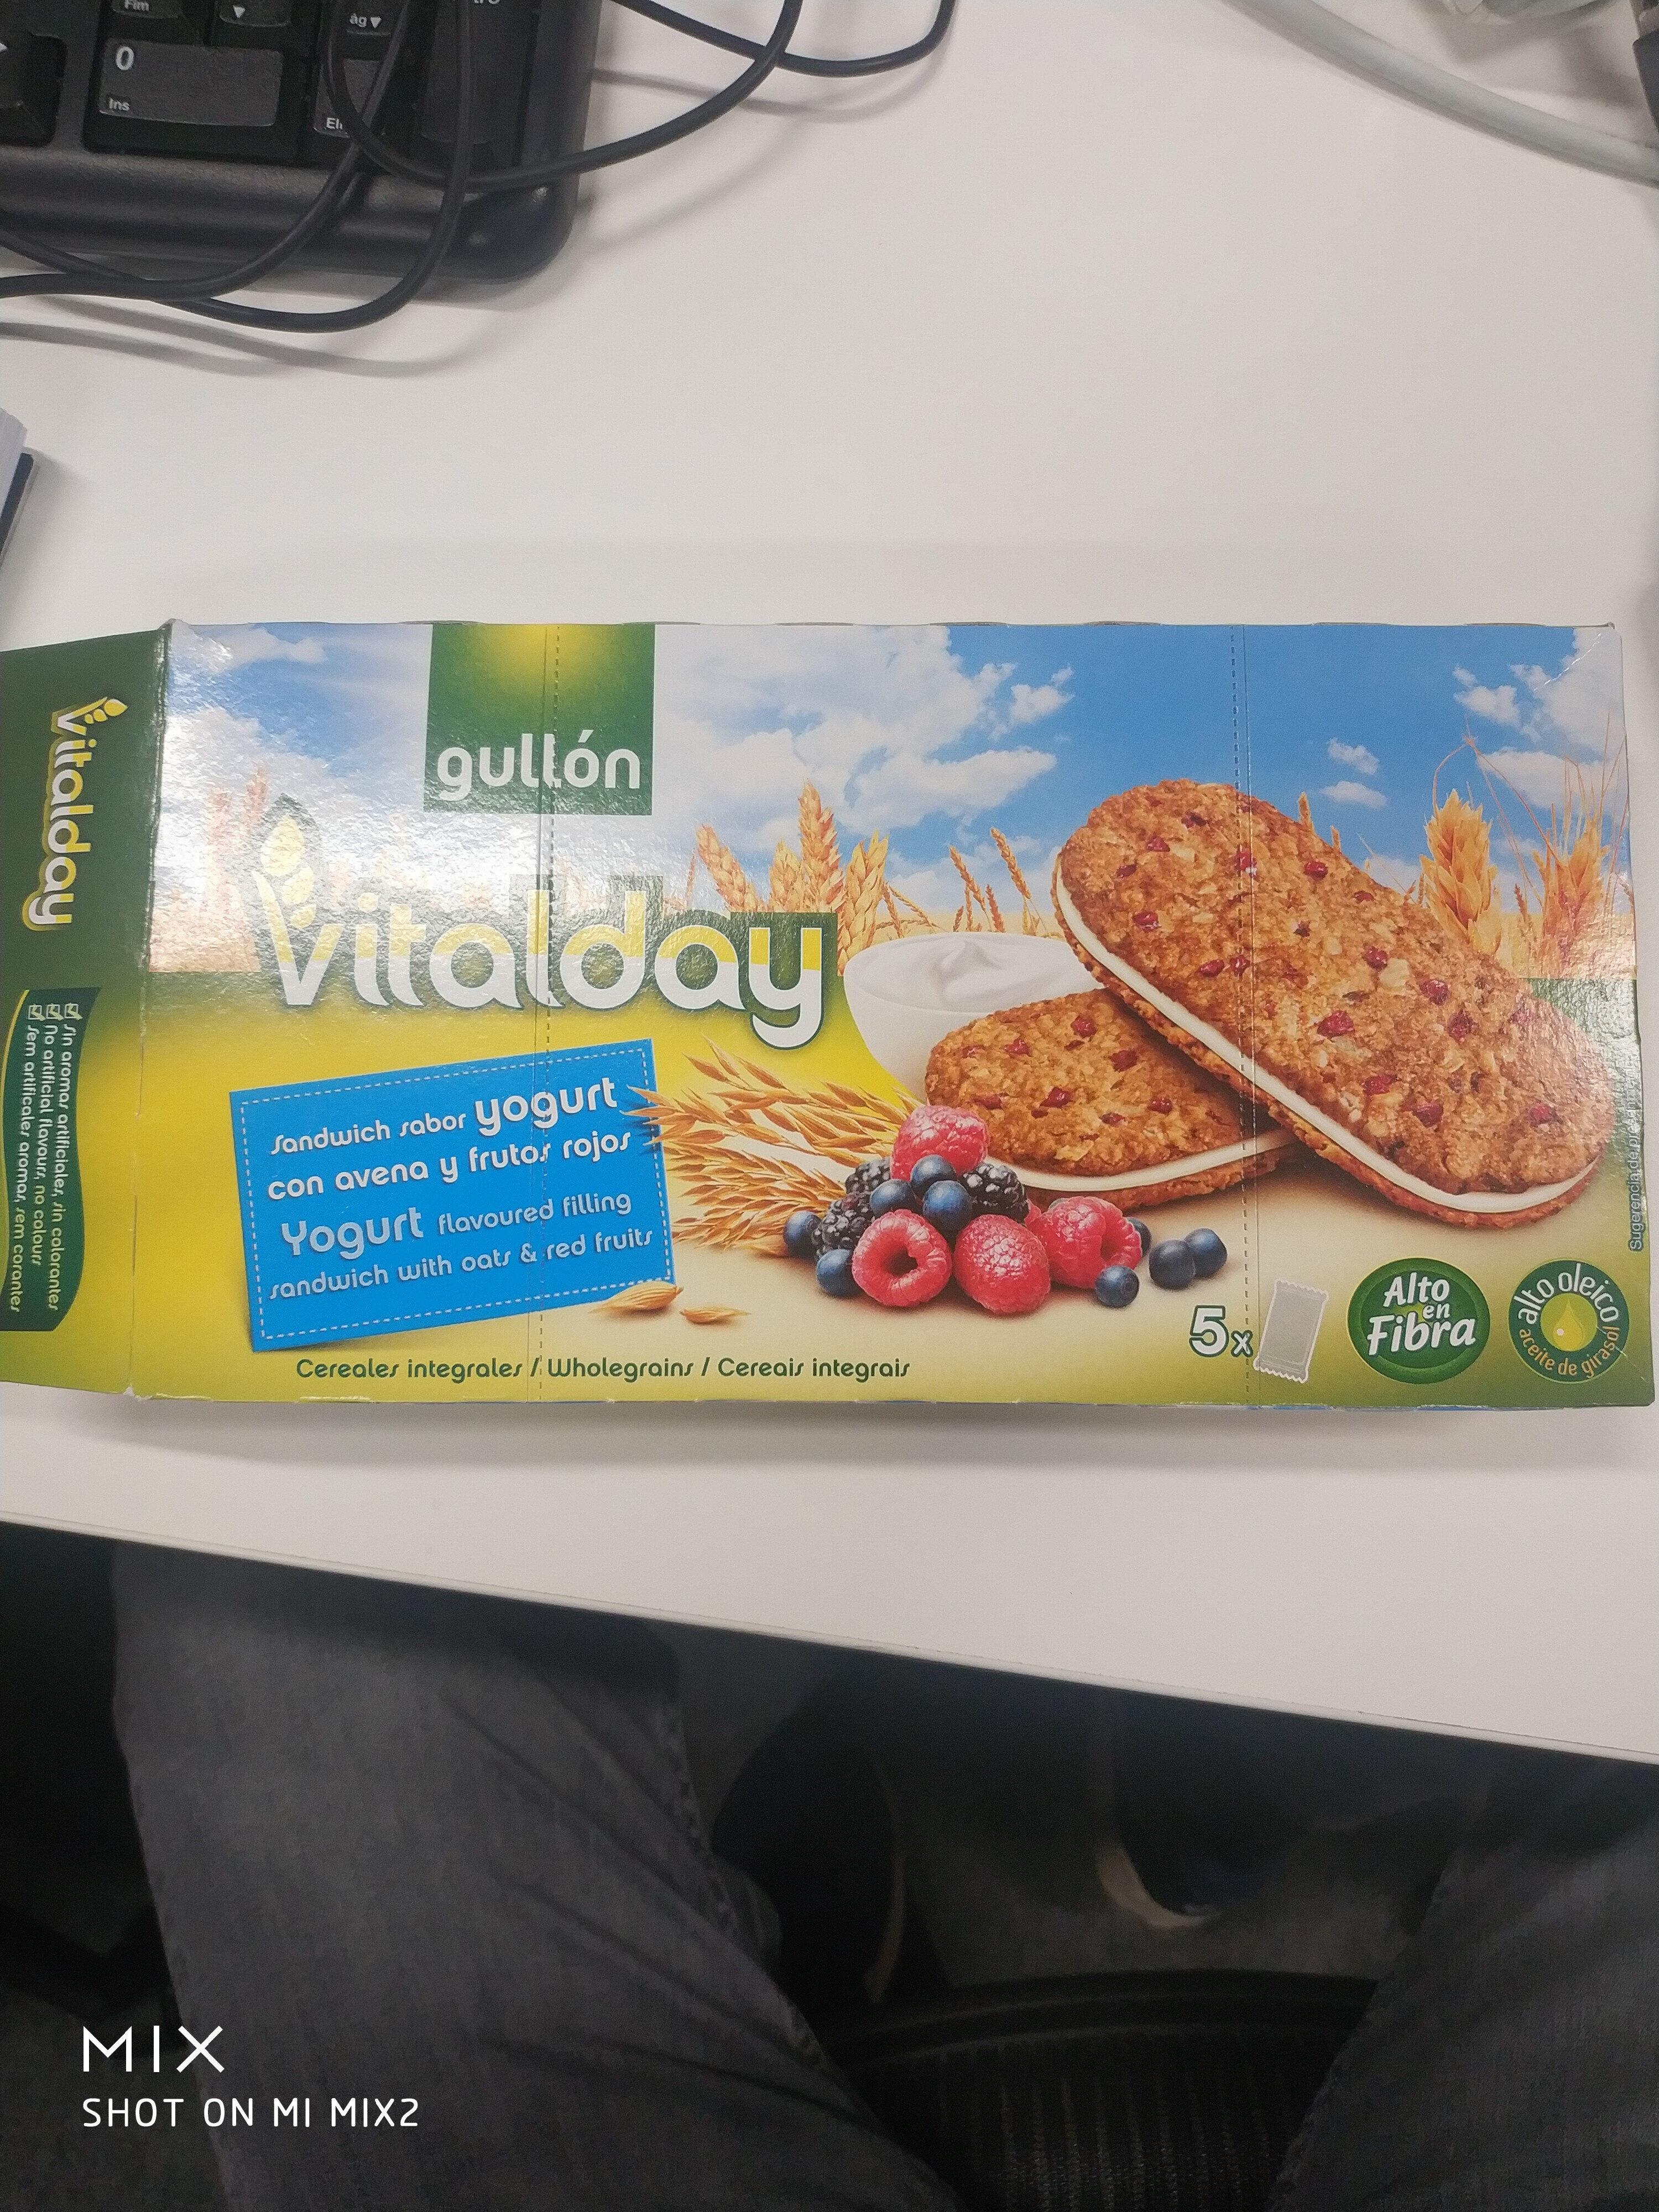 Vitalday sandwich de galletas integrales con - Product - es